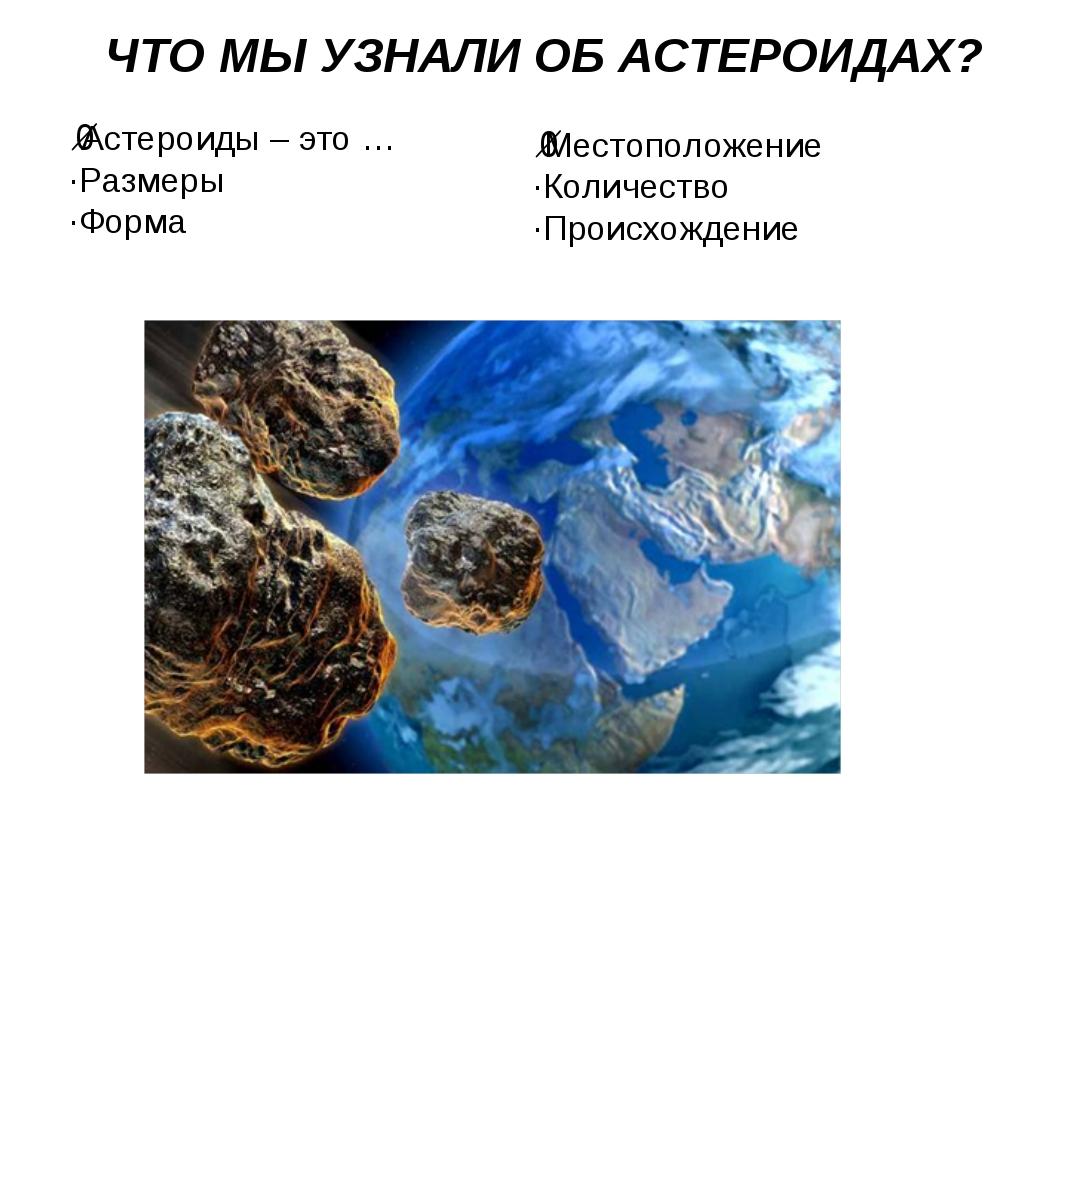 ЧТО МЫ УЗНАЛИ ОБ АСТЕРОИДАХ? ·Астероиды – это … ·Размеры ·Форма ·Местоположен...